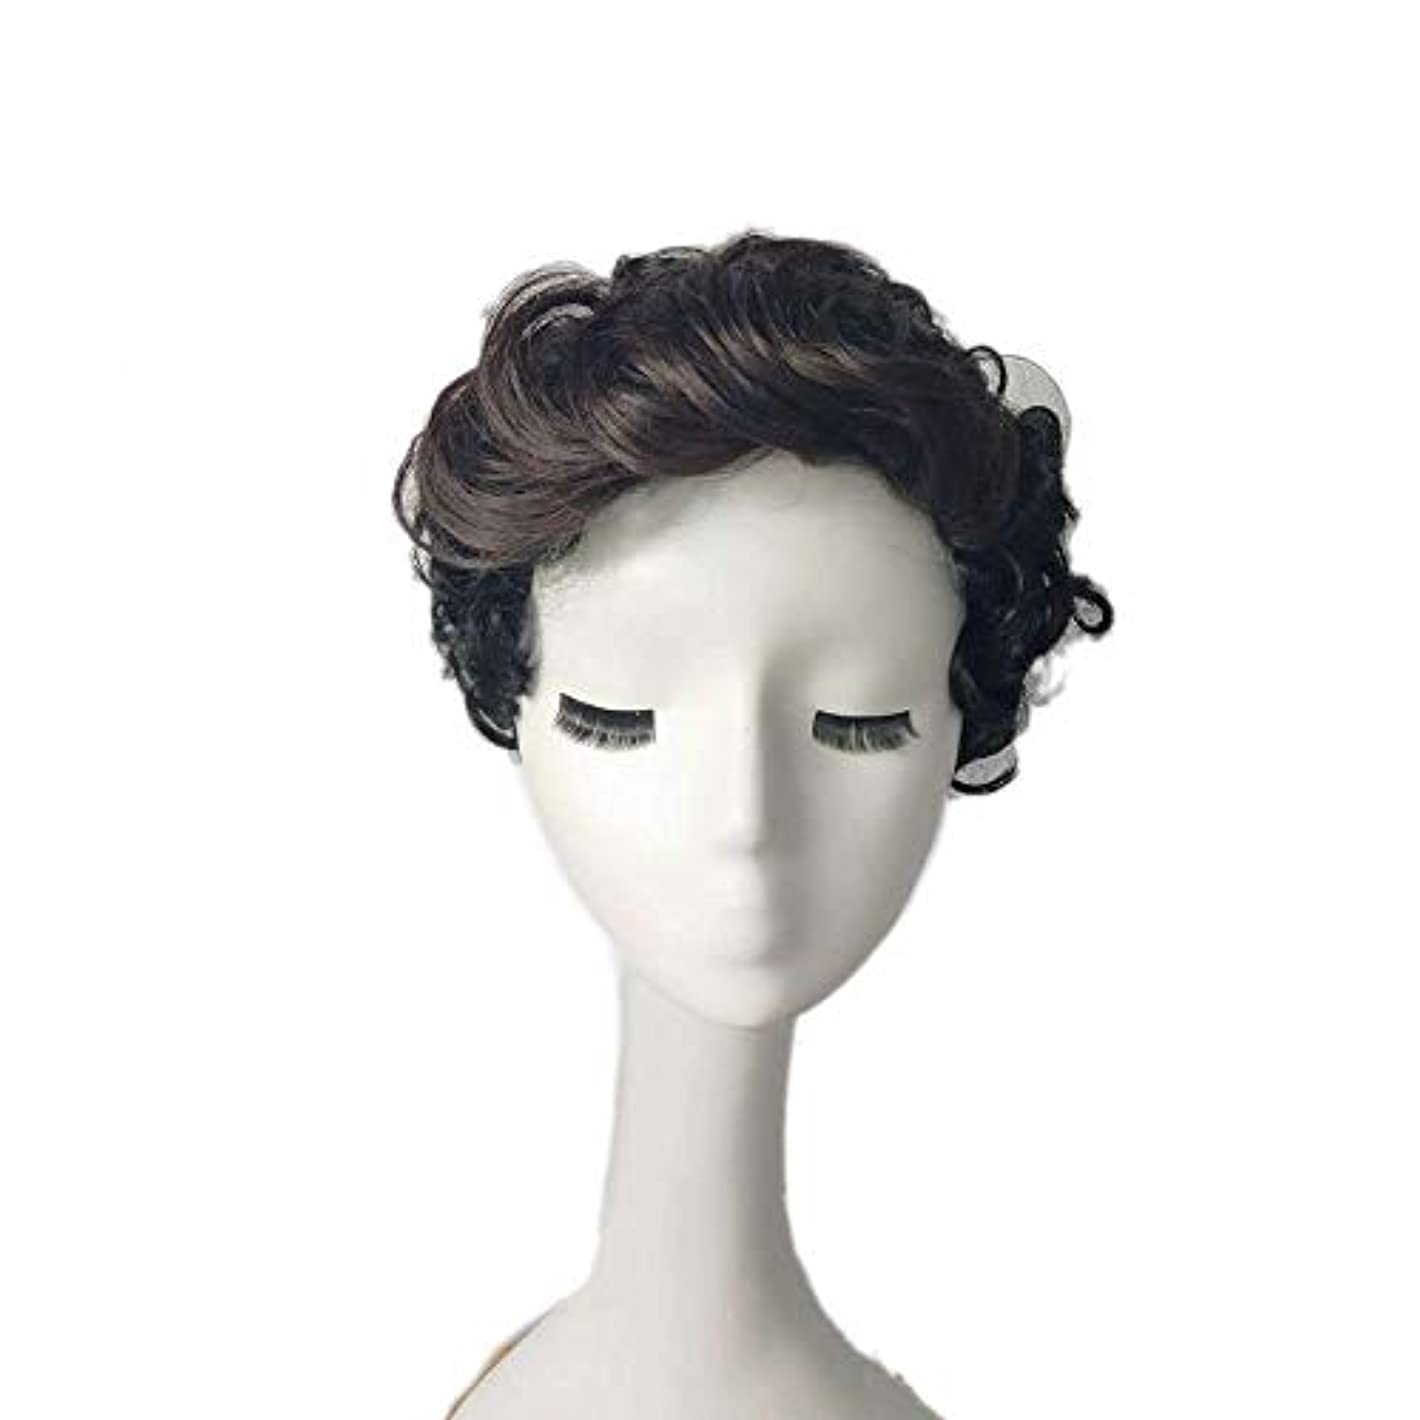 アクセント直径勝利したYOUQIU カーリーウェーブ人工毛ショートボブカーリーヘアウィッグ女性耐熱ファイバーウィッグの場合 (色 : 黒)